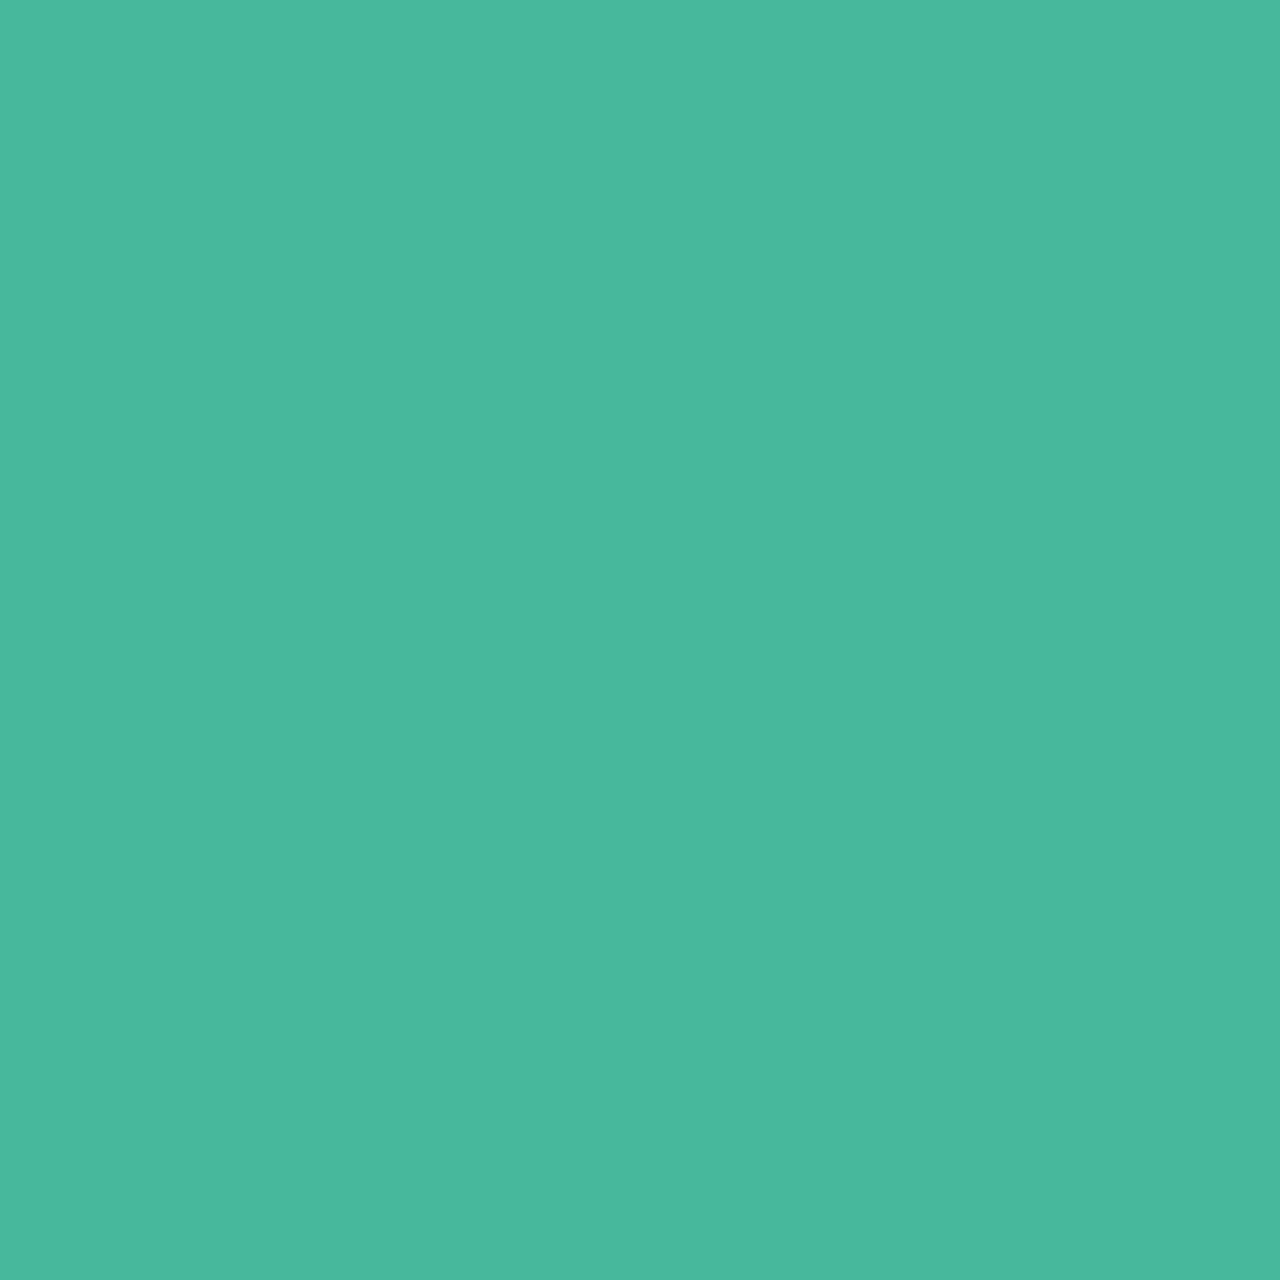 Pretty Colors, #47b89a